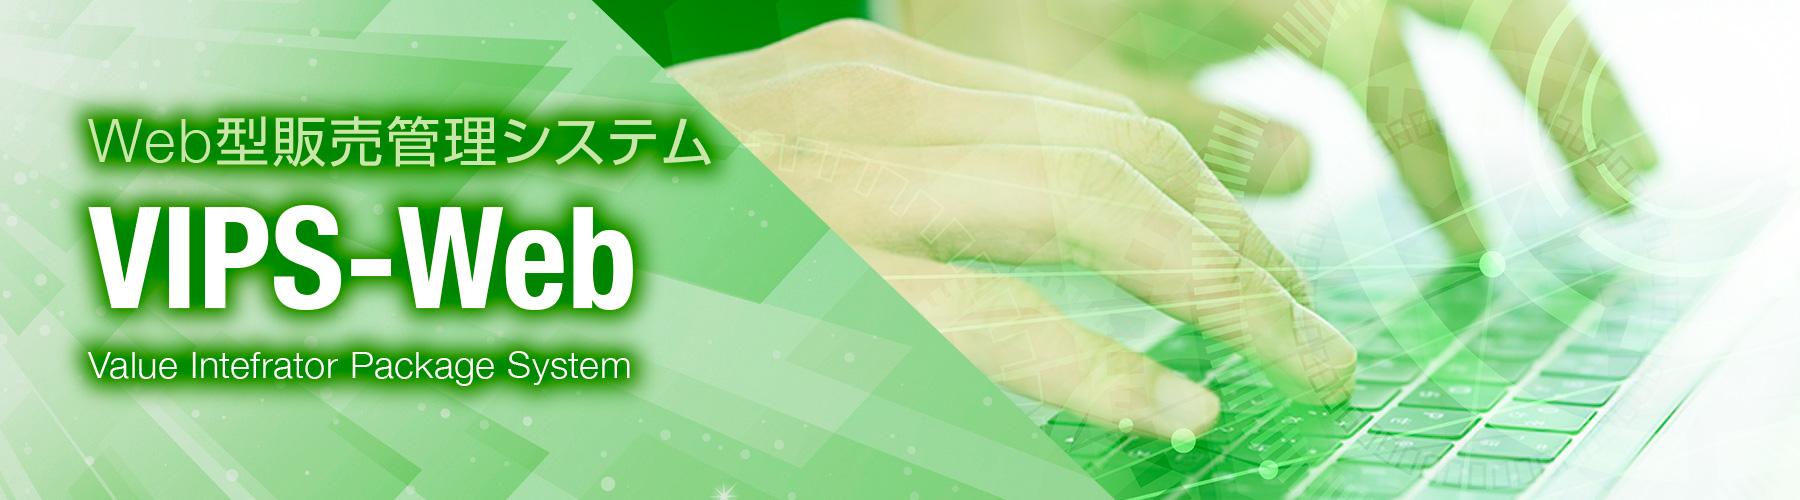 Web型販売管理システム VIPS-Web